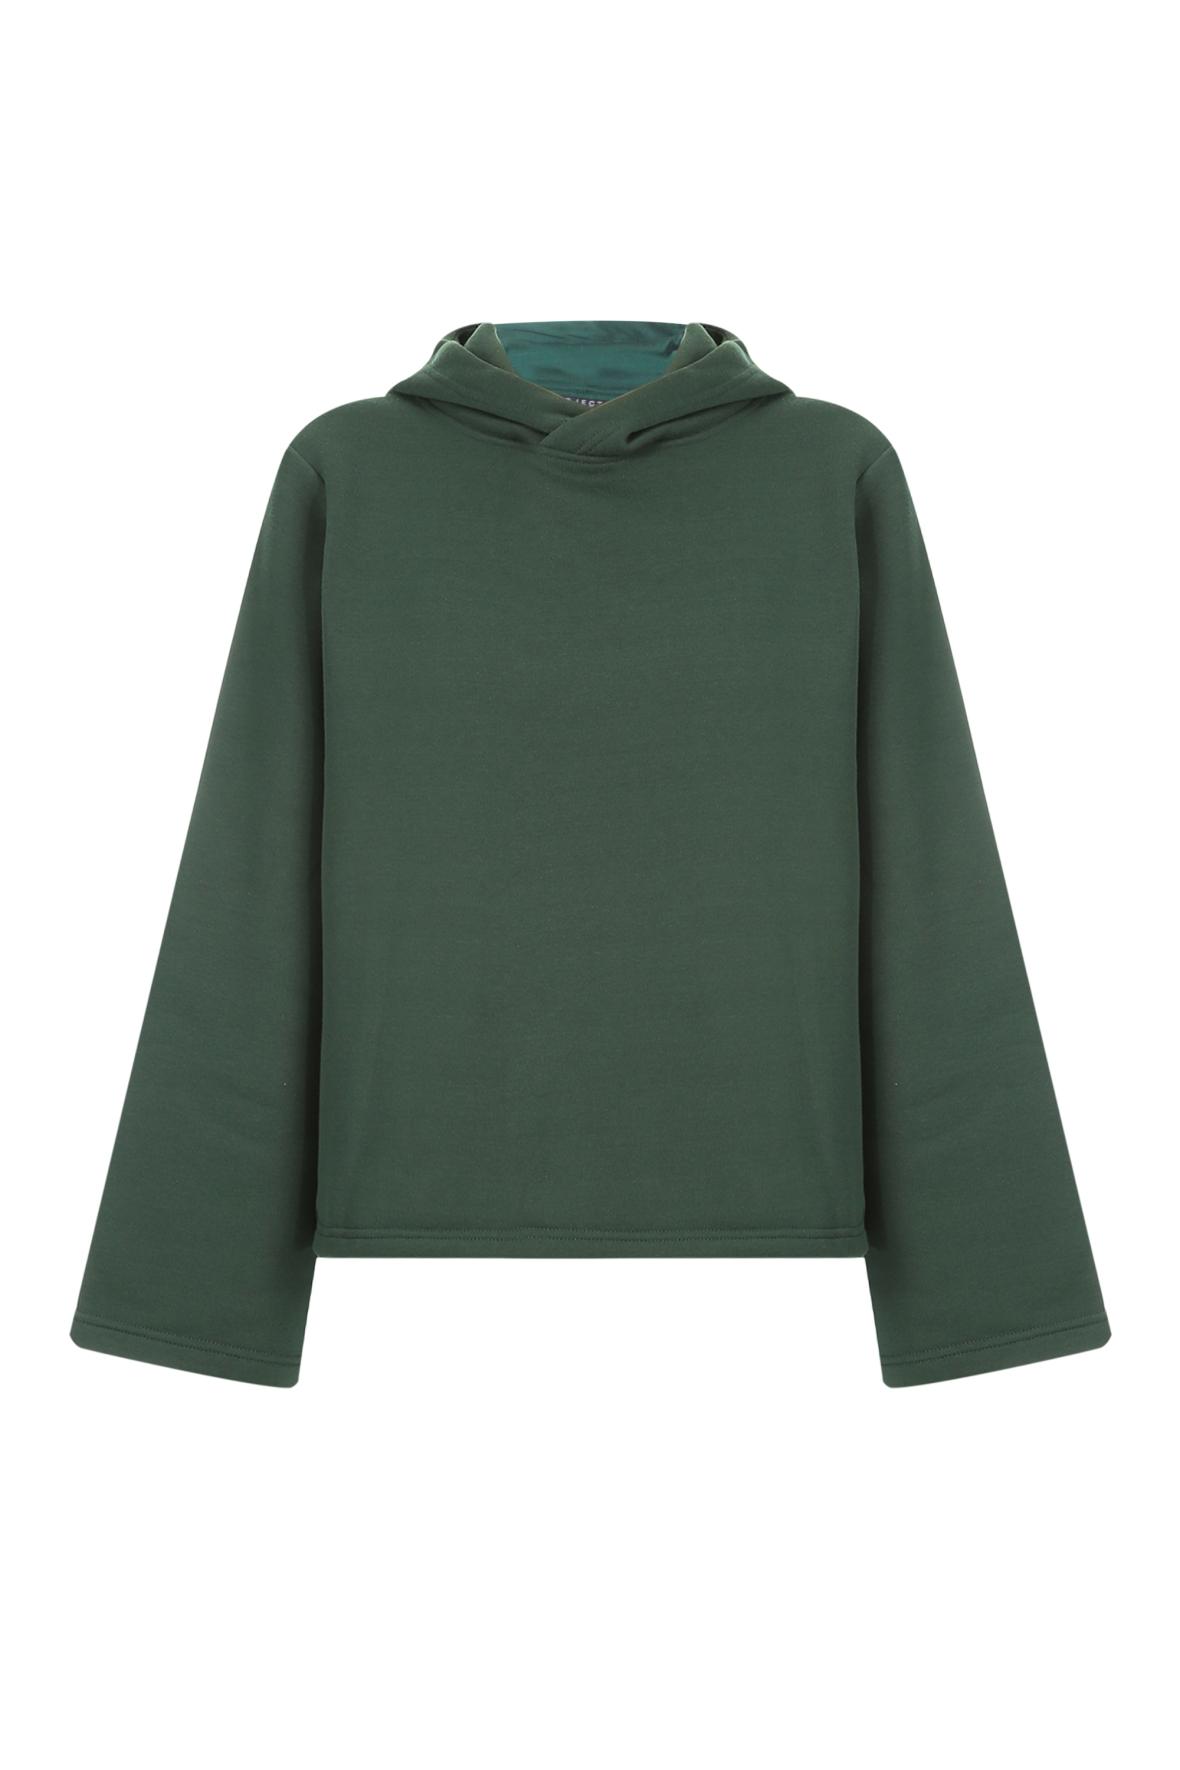 10. Bell Sleeve Hoodie_R129.99